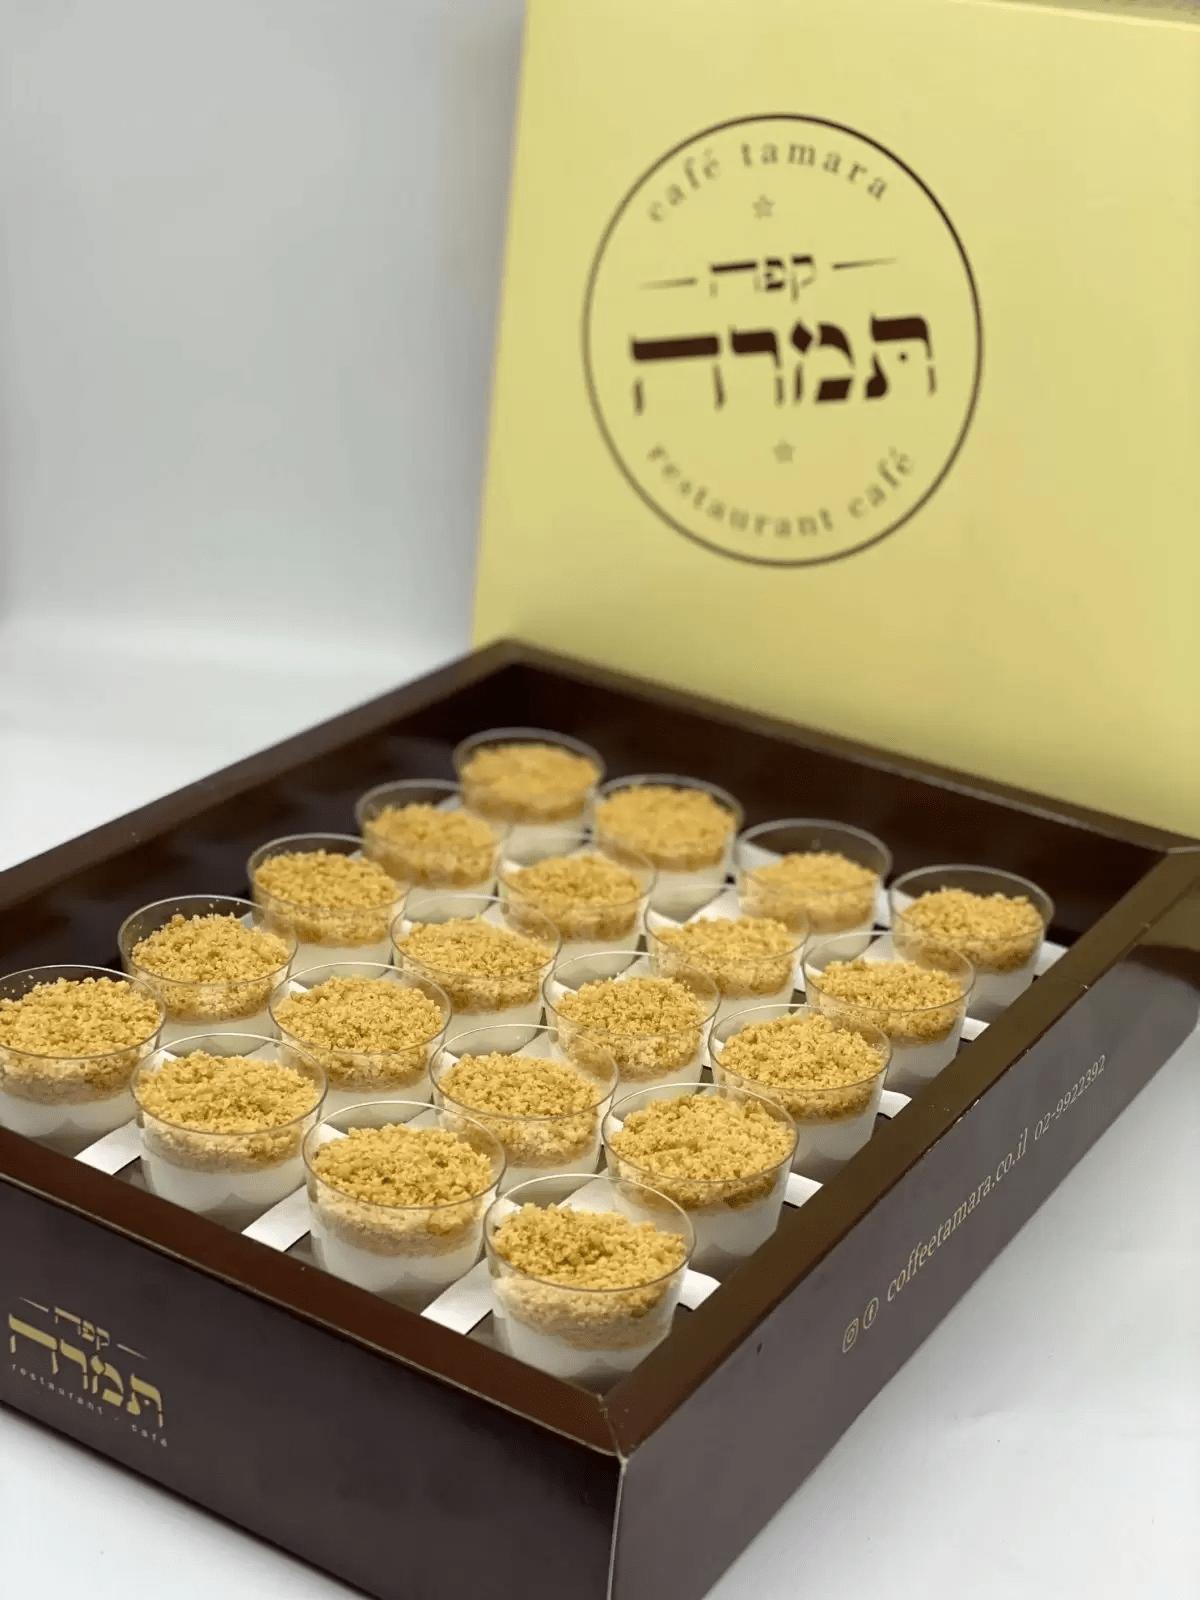 מסעדה חלבית כשרה בירושלים